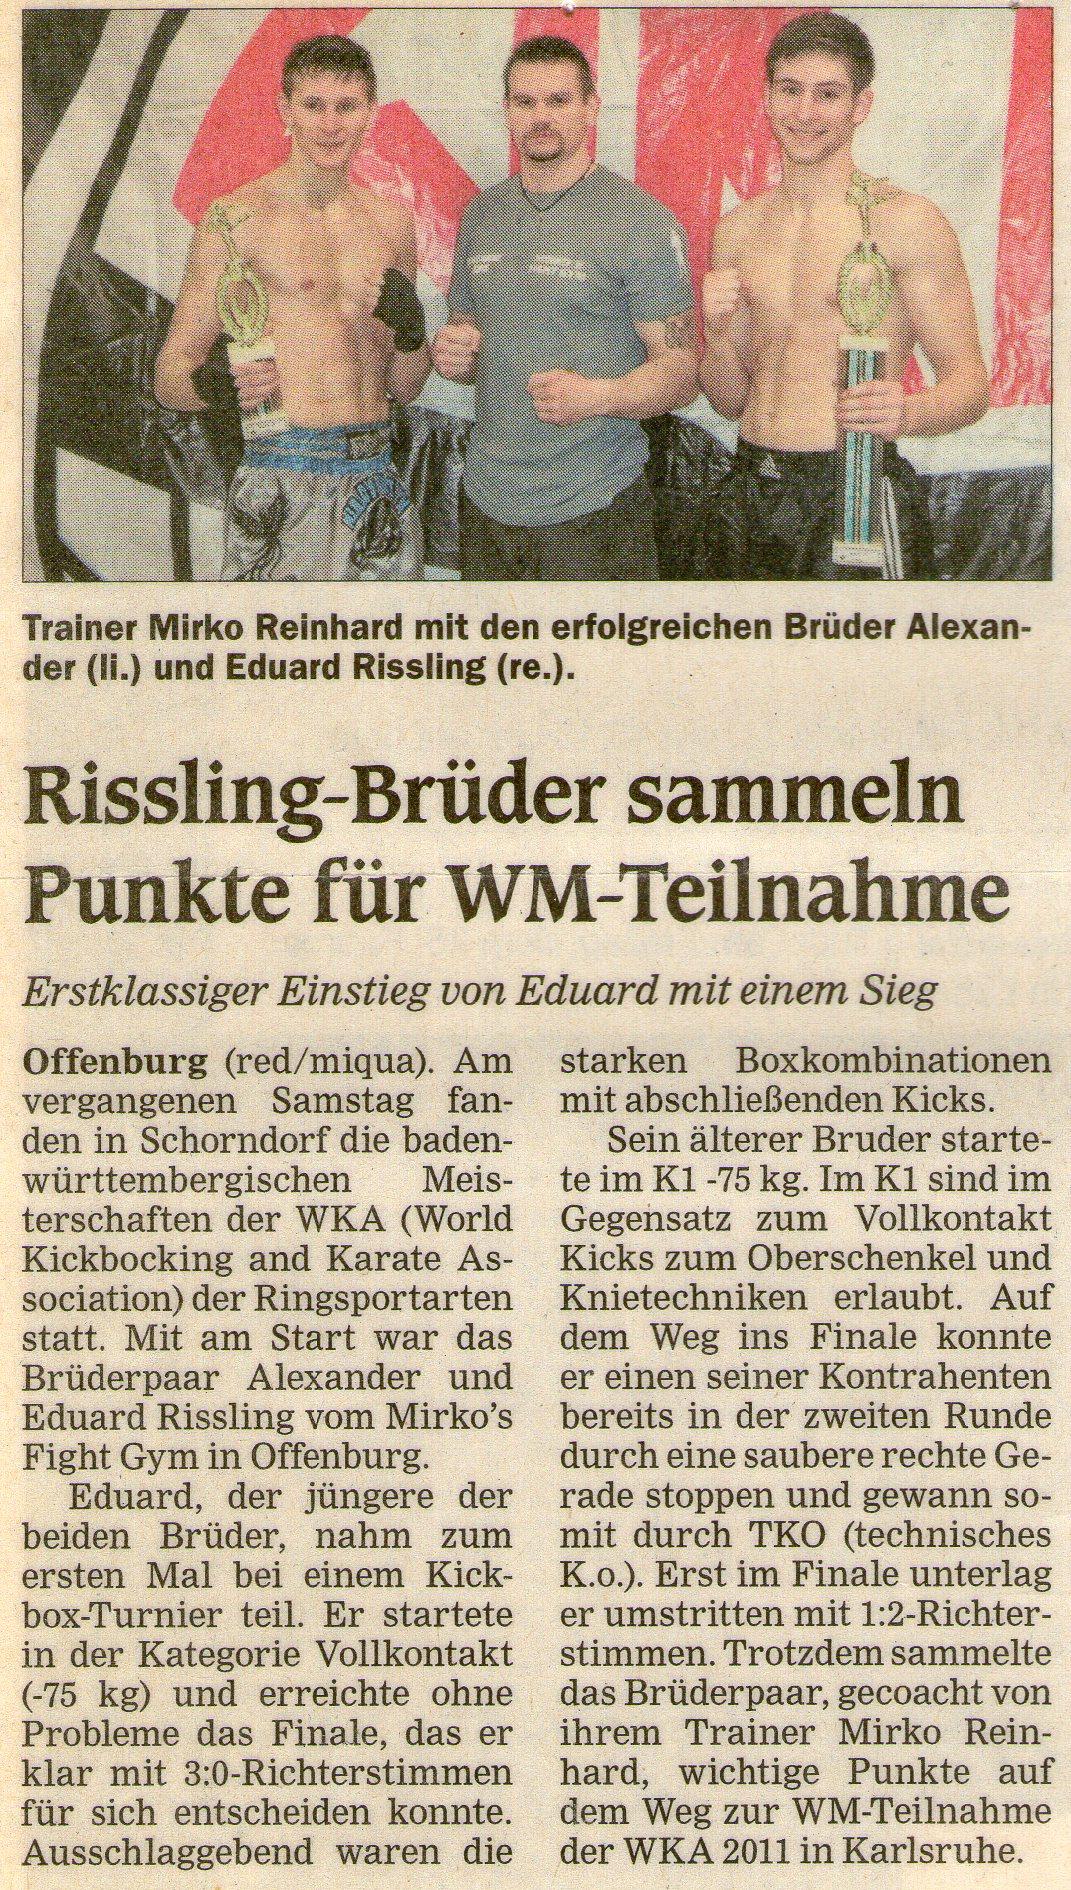 Rissling-Brüder sammeln Punkte für WM-Teilnahme